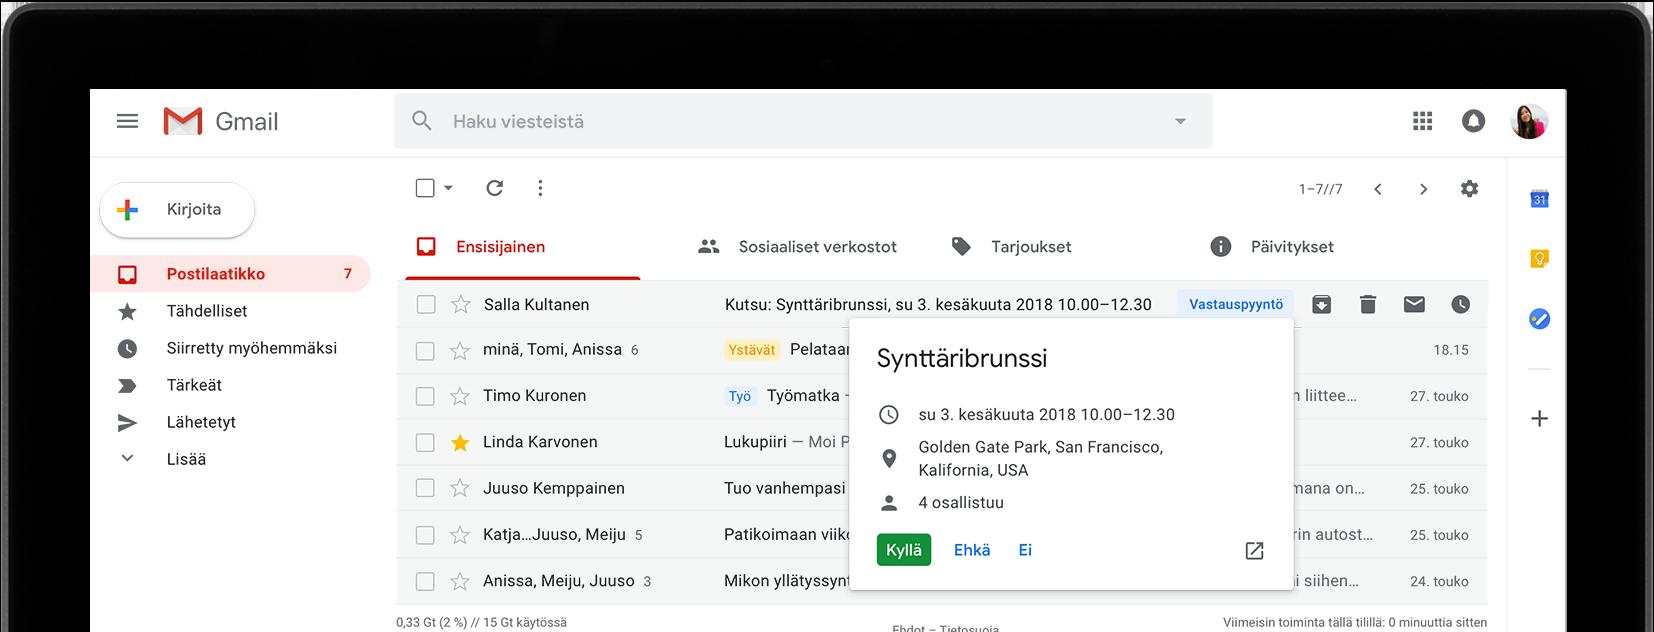 Gmail – ilmainen tallennustila ja sähköposti Googlelta